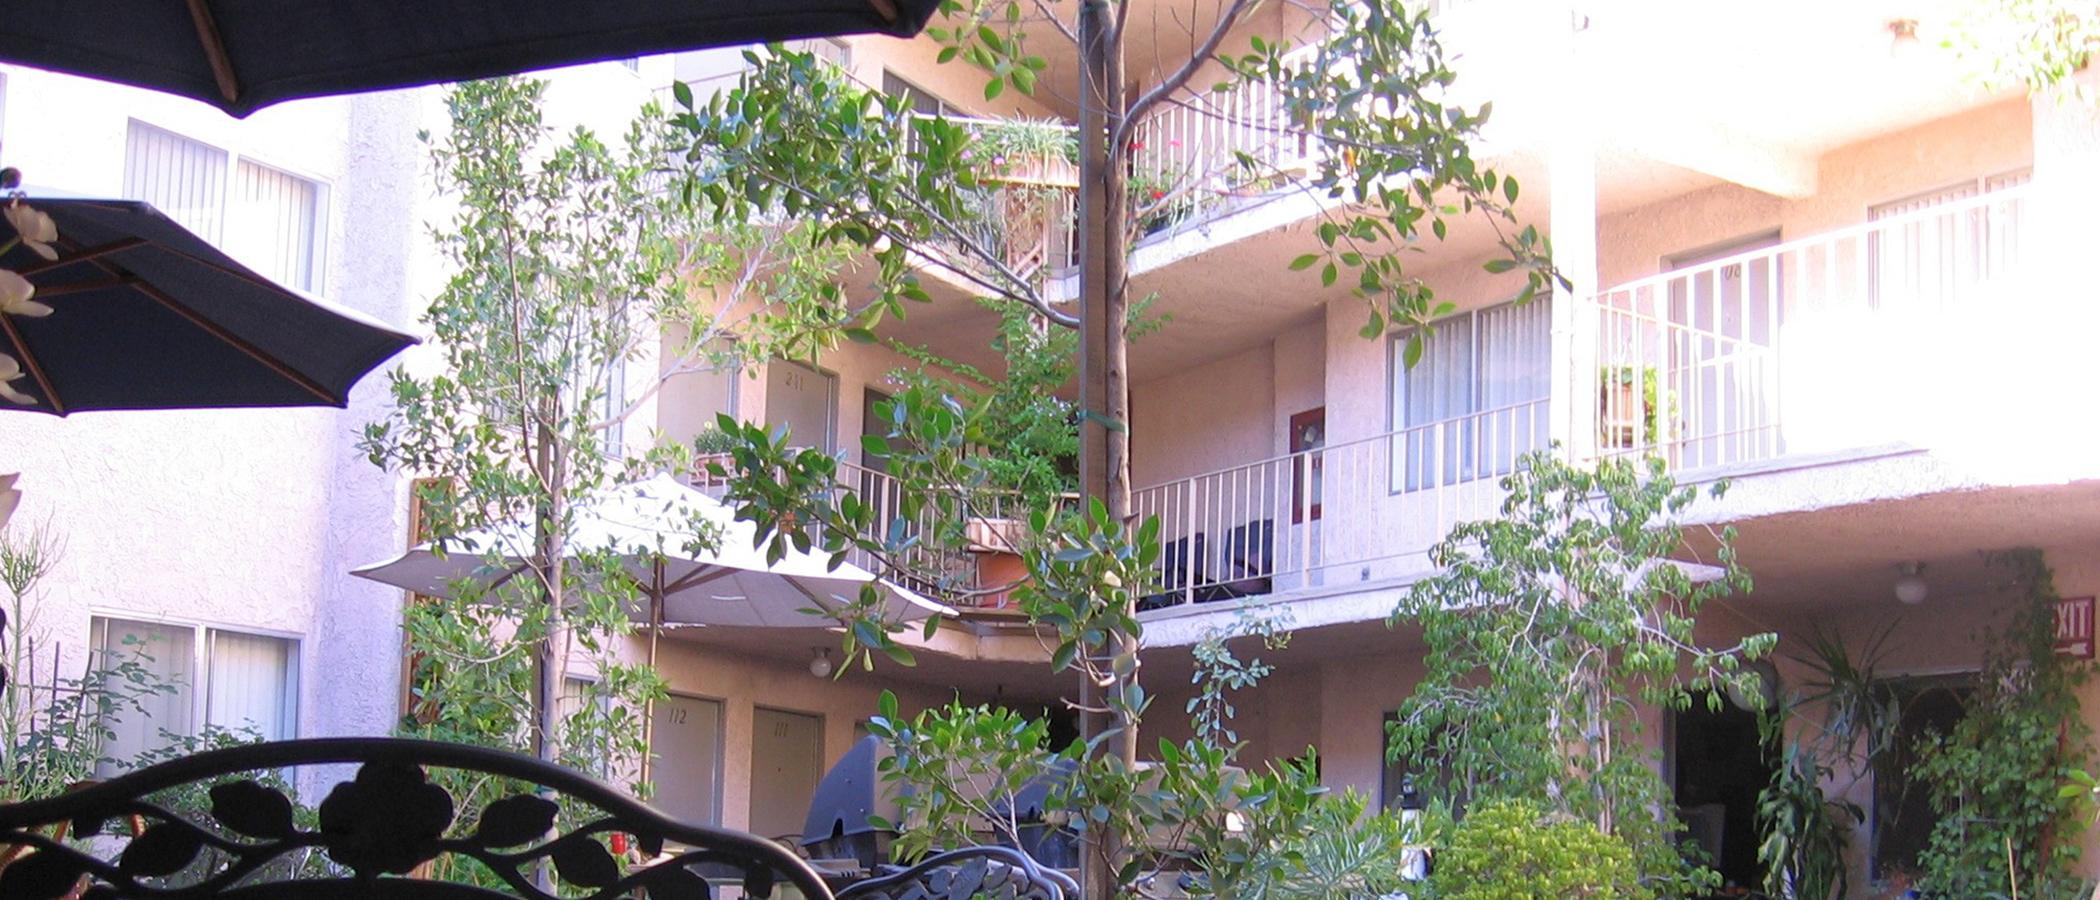 Kling Courtyard Apartments slideshow image